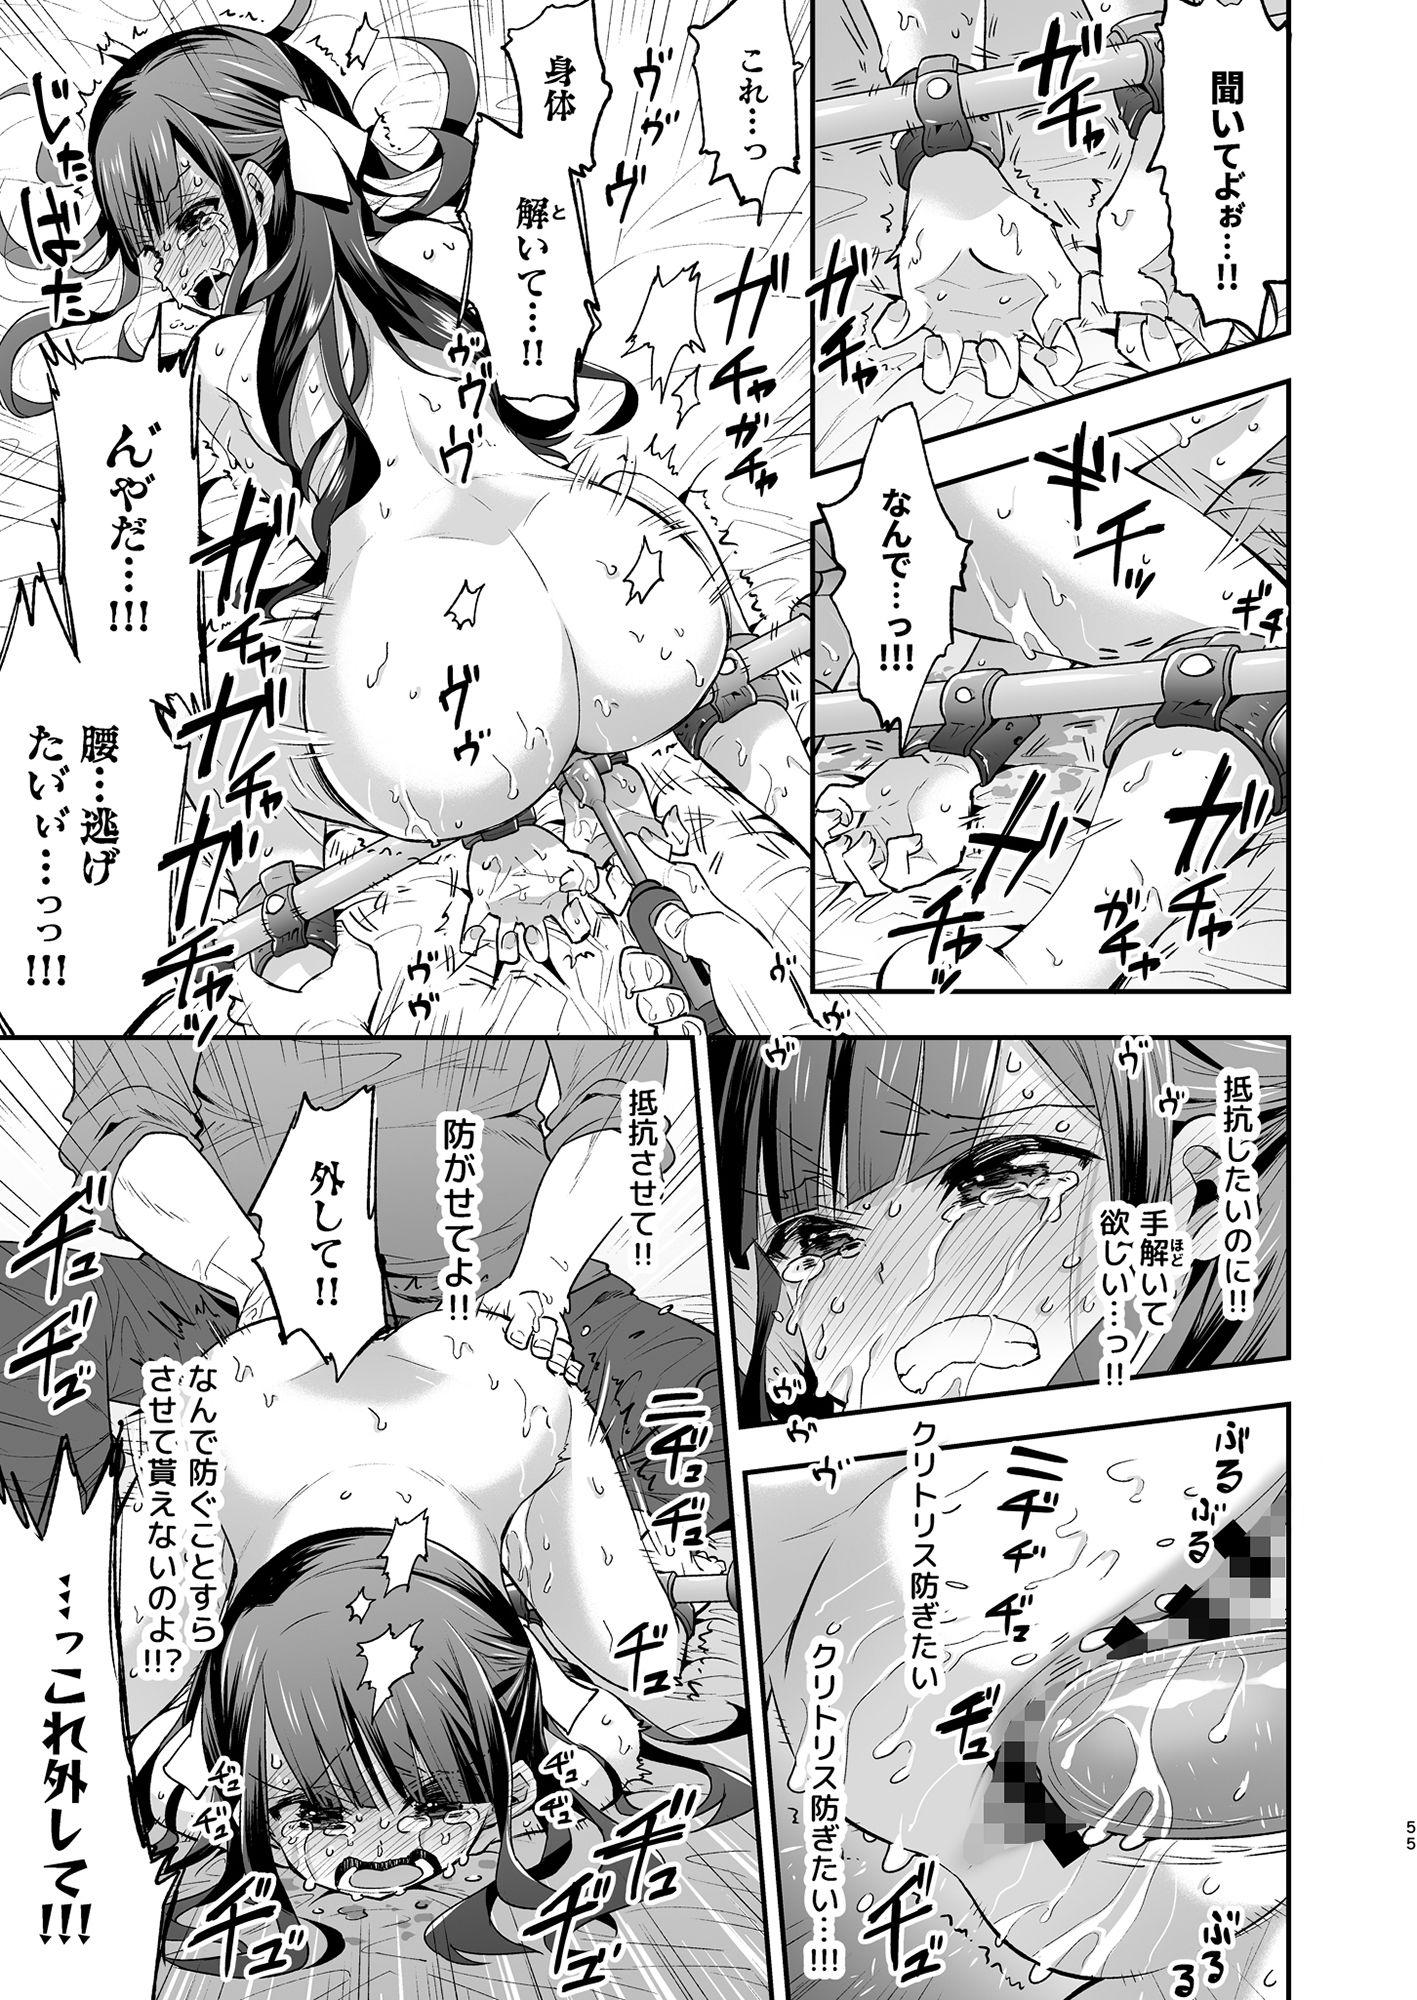 【エロ漫画無料大全集】不感症の女の子がおっさんにイカされまくることに…【エロ漫画:不感少女がおじさんに負けた日:餅犬製作所】